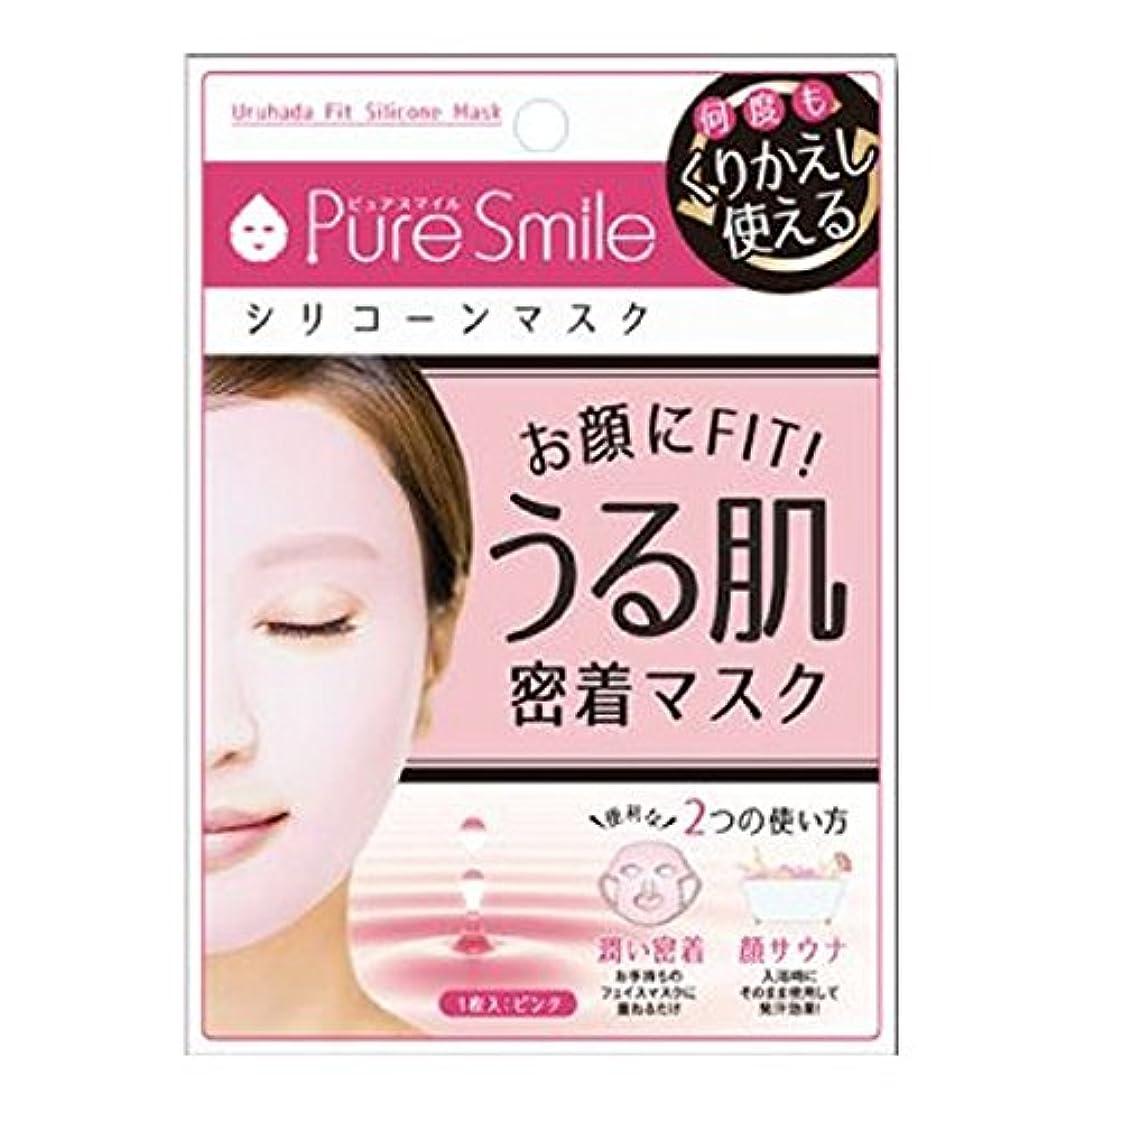 シーフード淡い増幅Pure Smile(ピュアスマイル) シリコーンマスク『うる肌密着マスク』(ピンク)